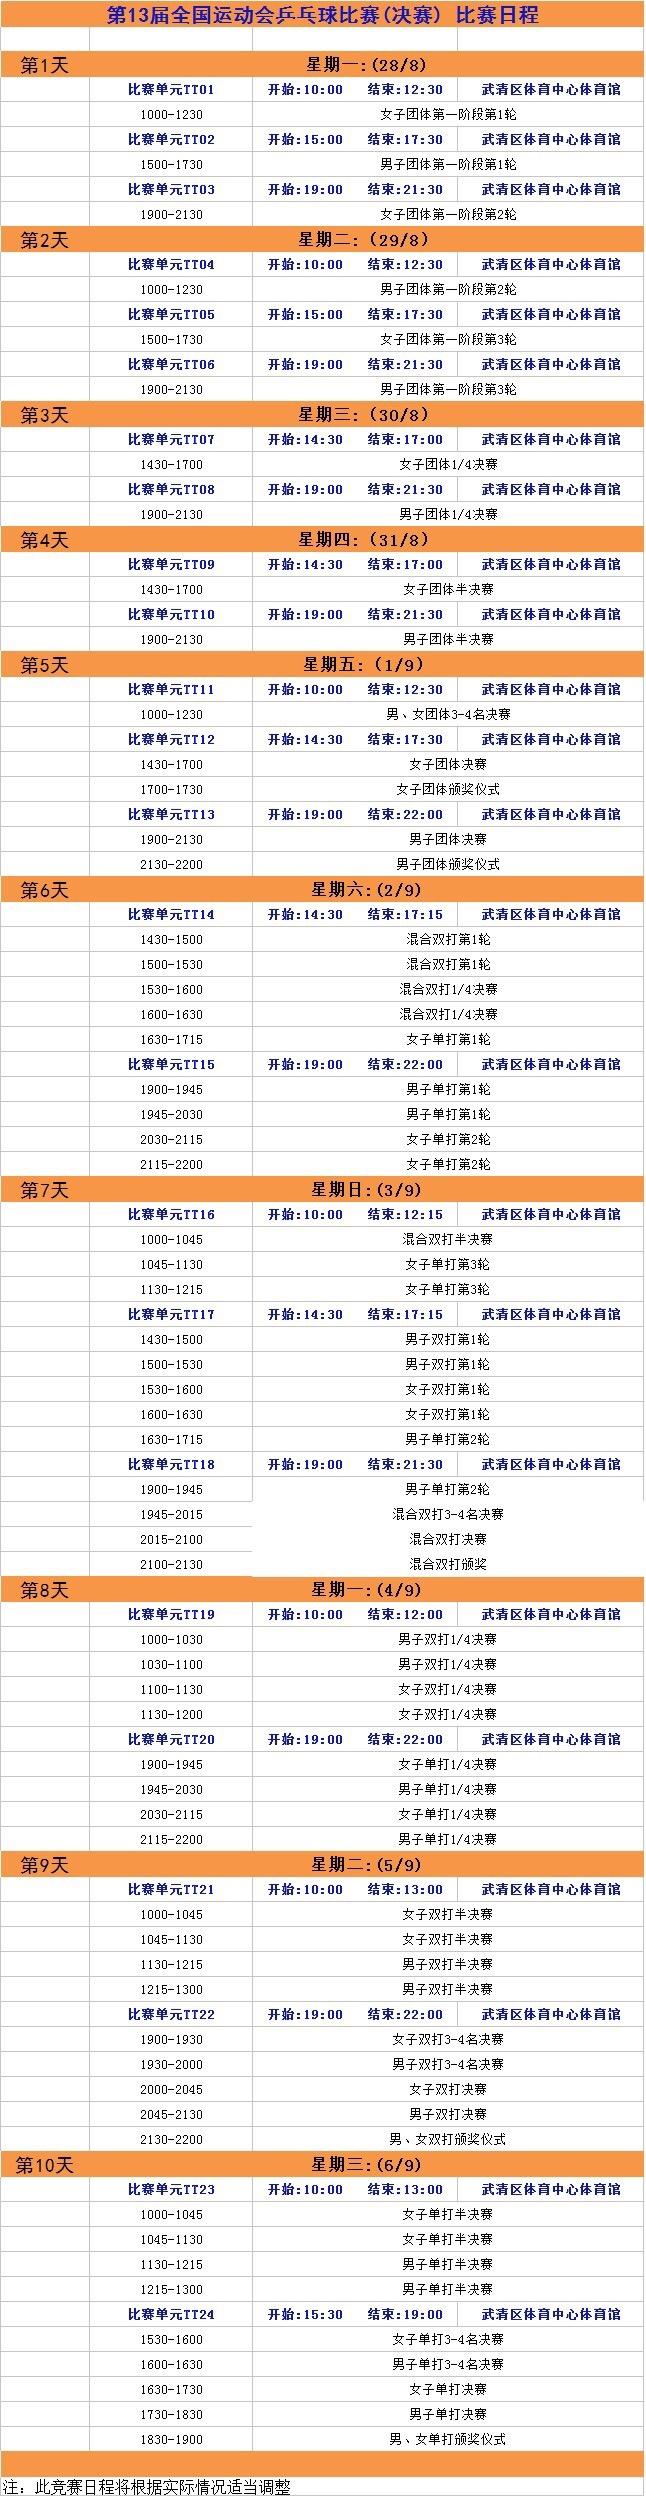 天津全运会乒乓球时间赛程表